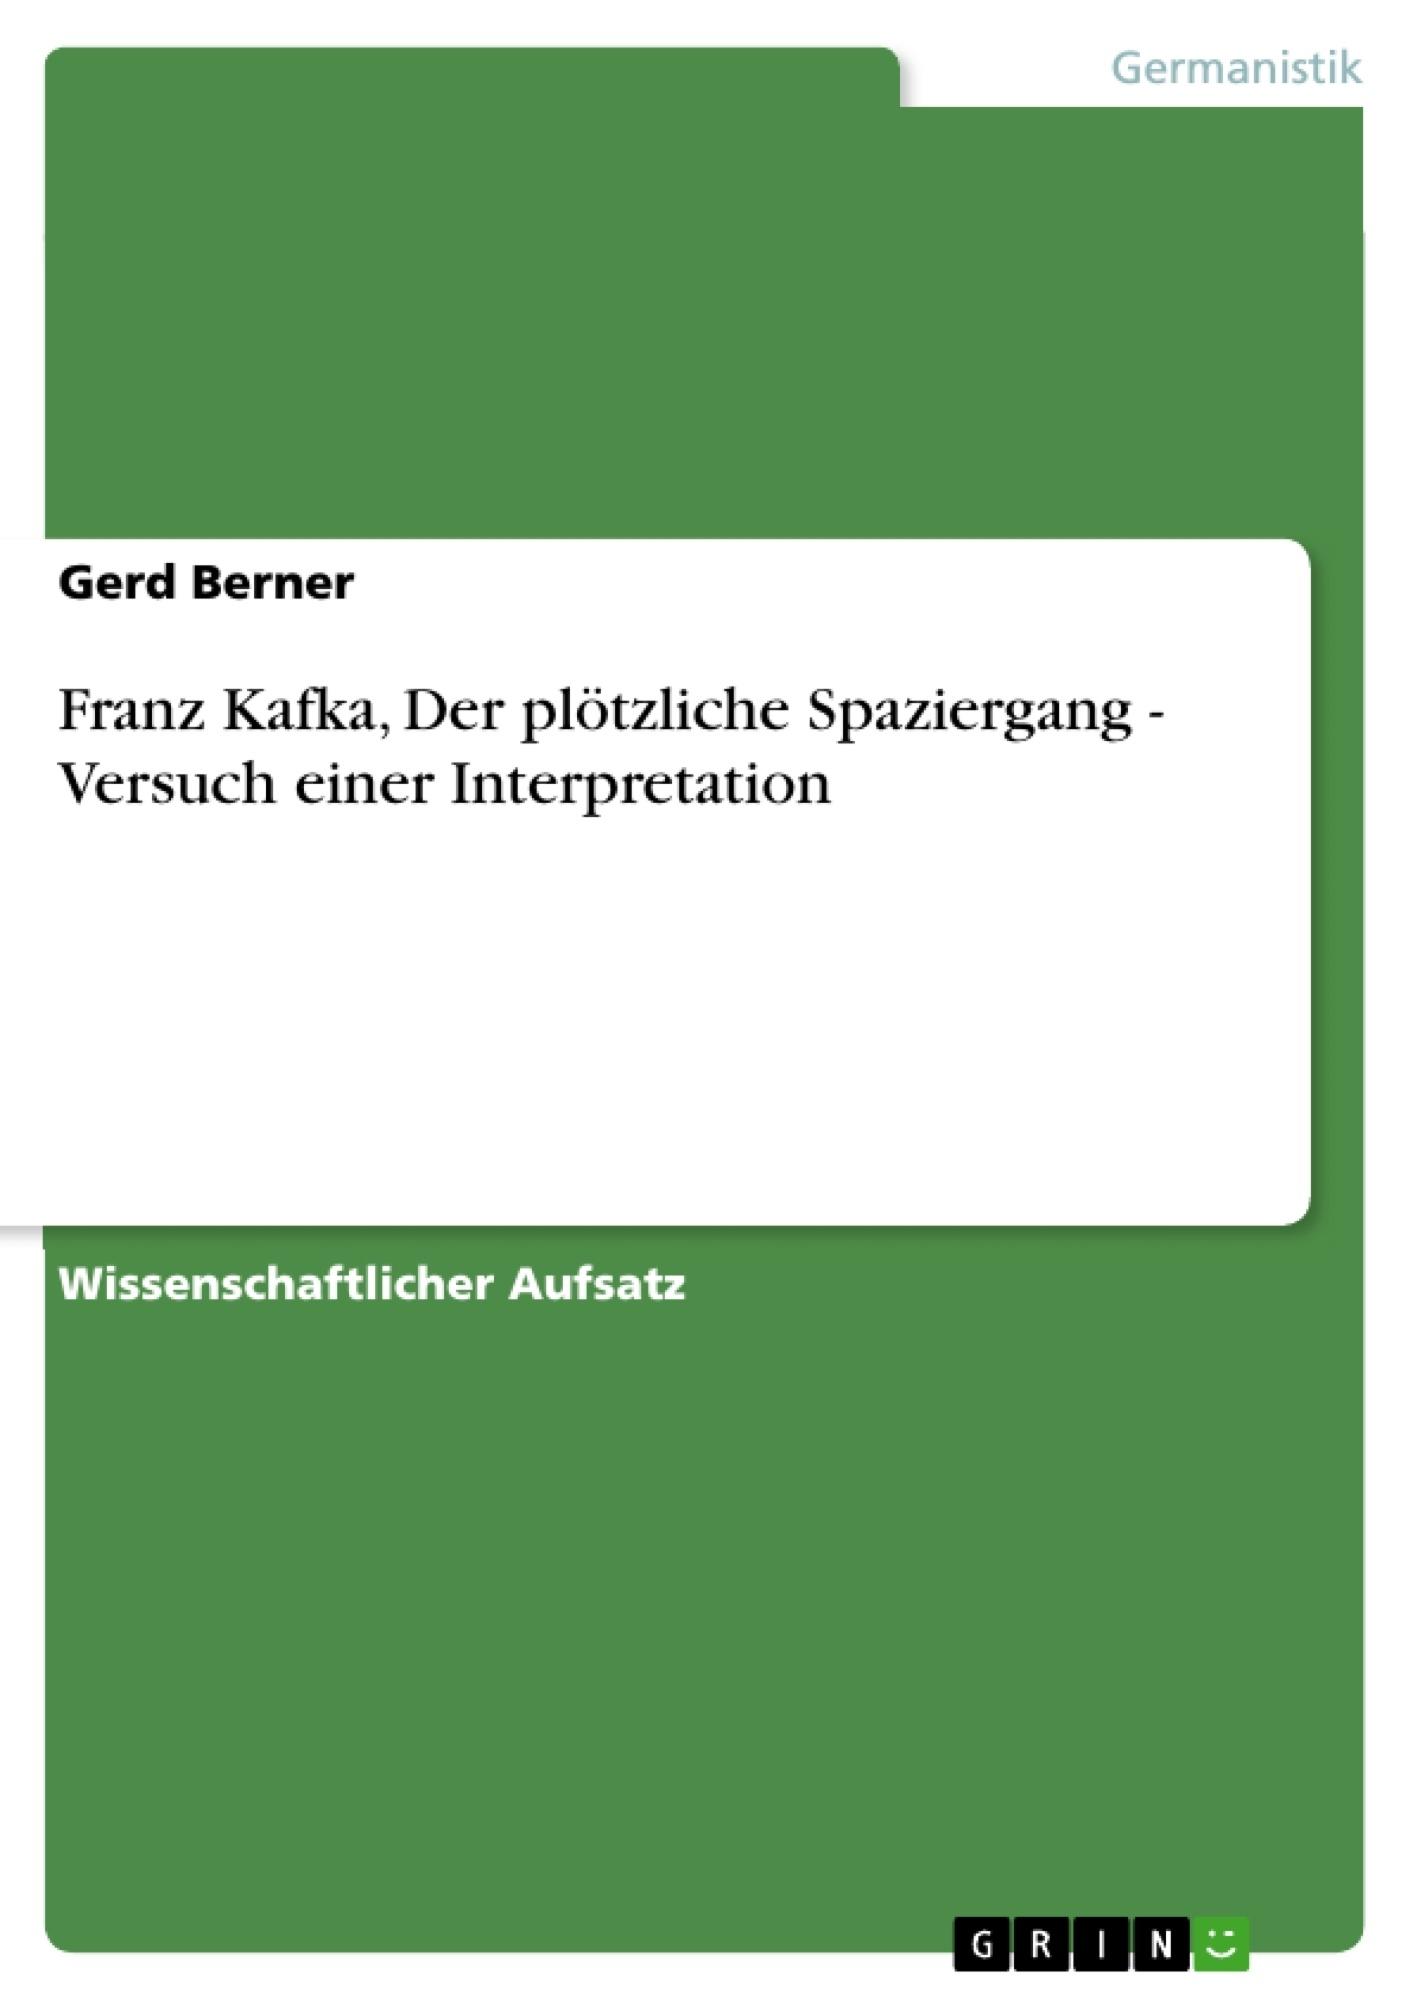 Titel: Franz Kafka, Der plötzliche Spaziergang - Versuch einer Interpretation